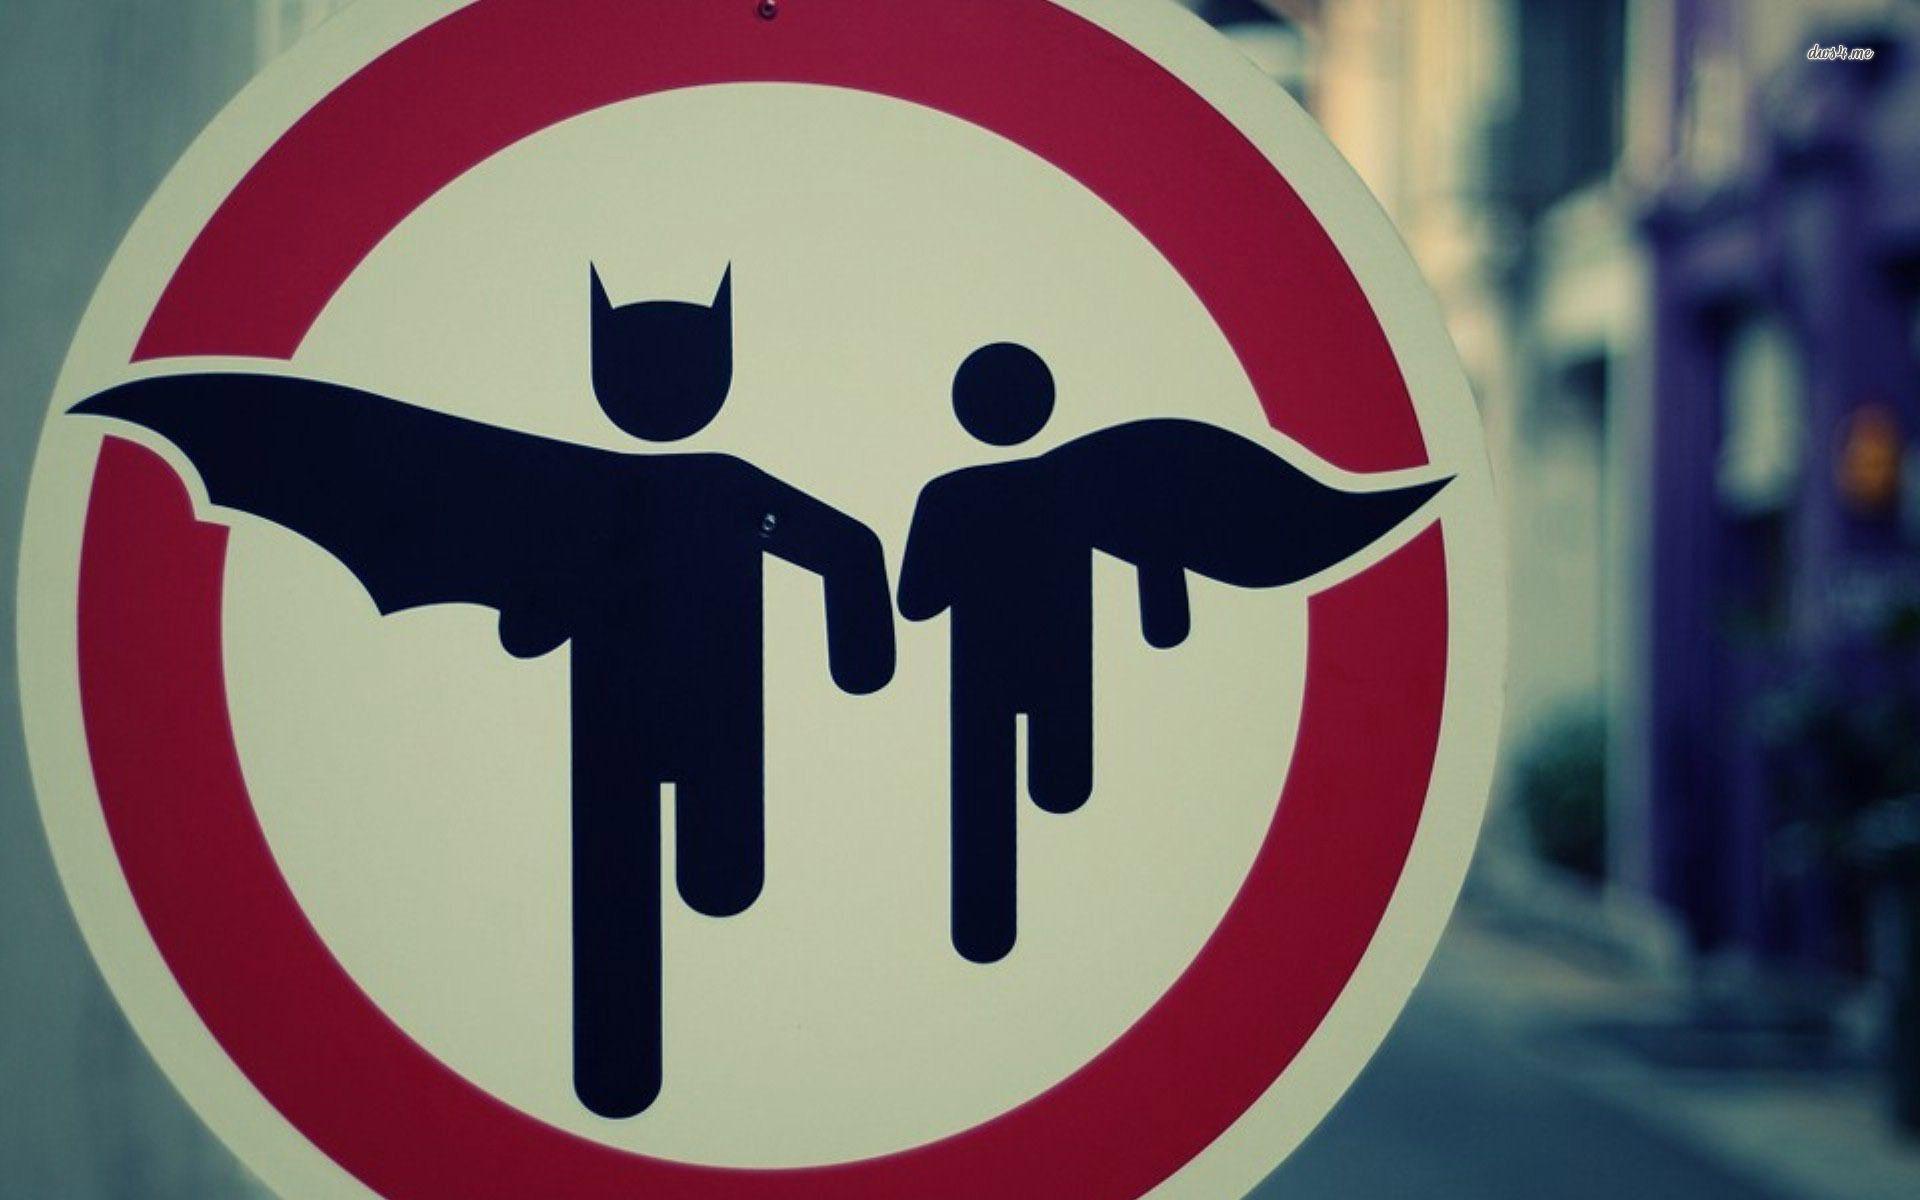 batman-and-robin-sign-digital-art-hd-wallpaper-26873 (1 ...